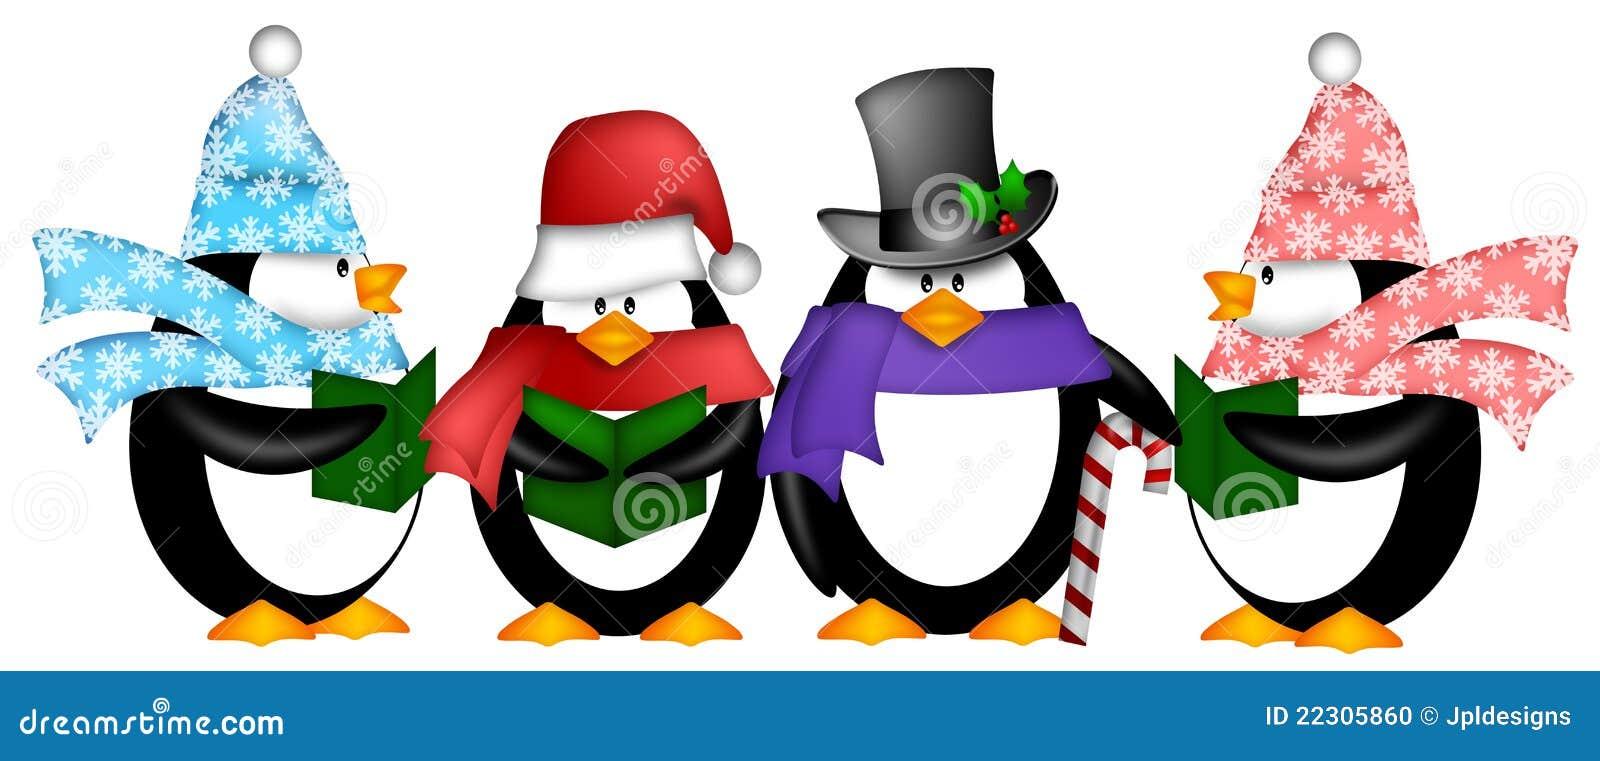 Pinguini che cantano il fumetto clipart del canto - Pinguini di natale immagini ...